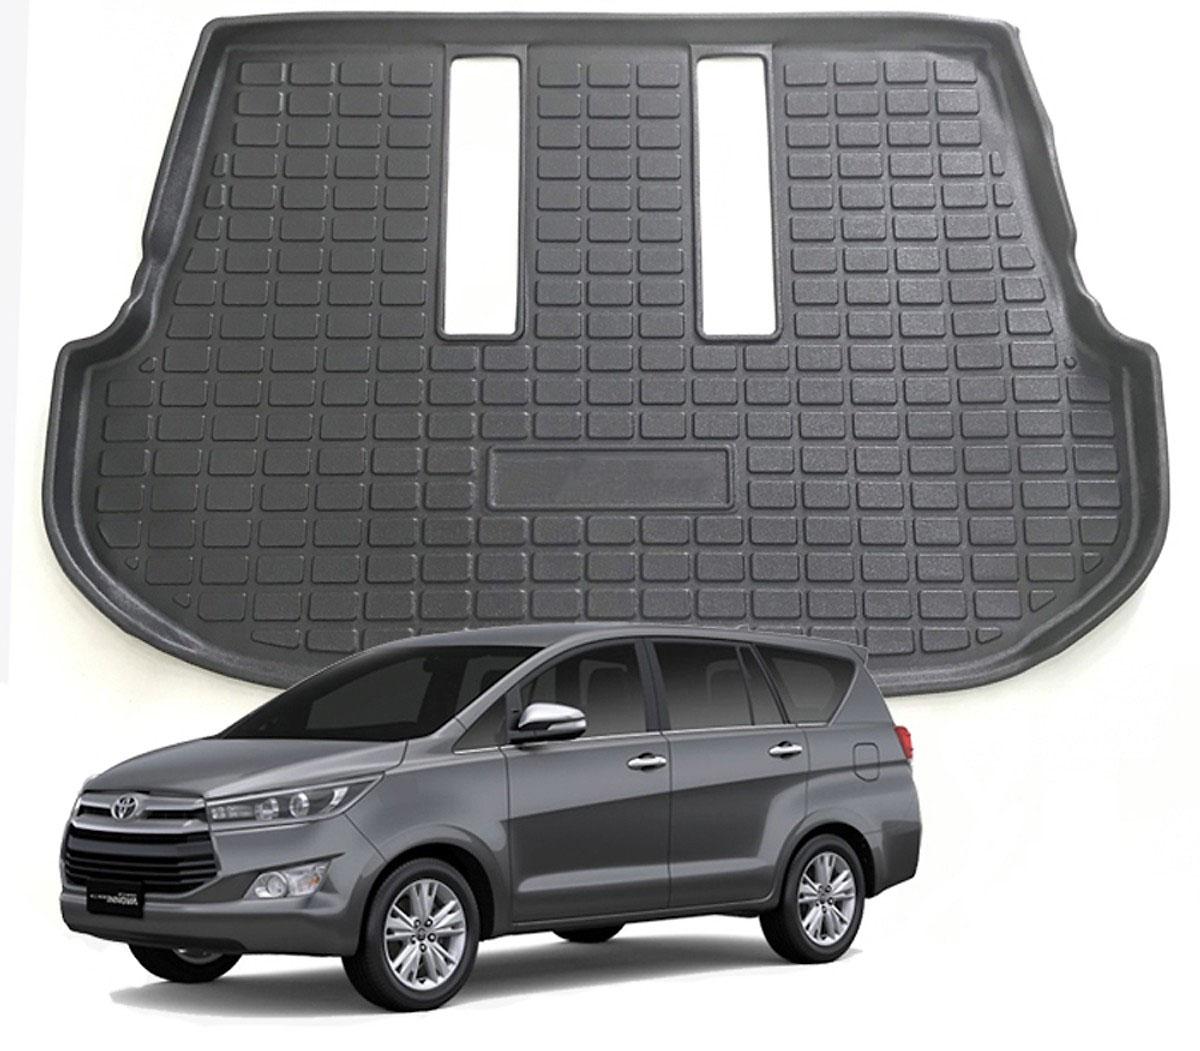 Lót cốp nhựa dẻo TPO dành cho xe Toyota Fortuner 2009-2019